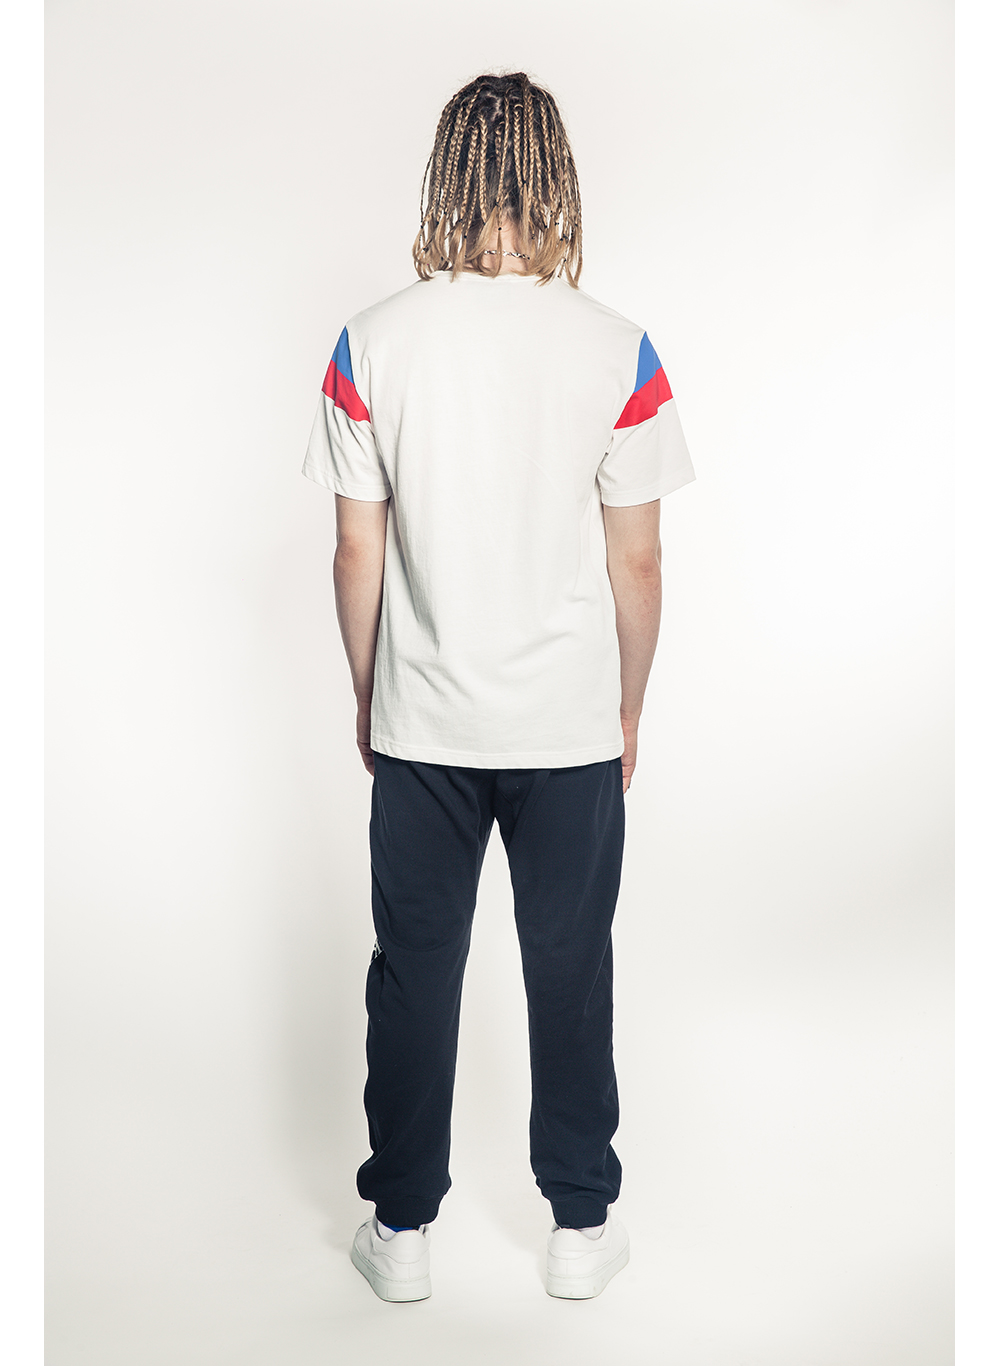 Keep Watch Sport T-Shirt